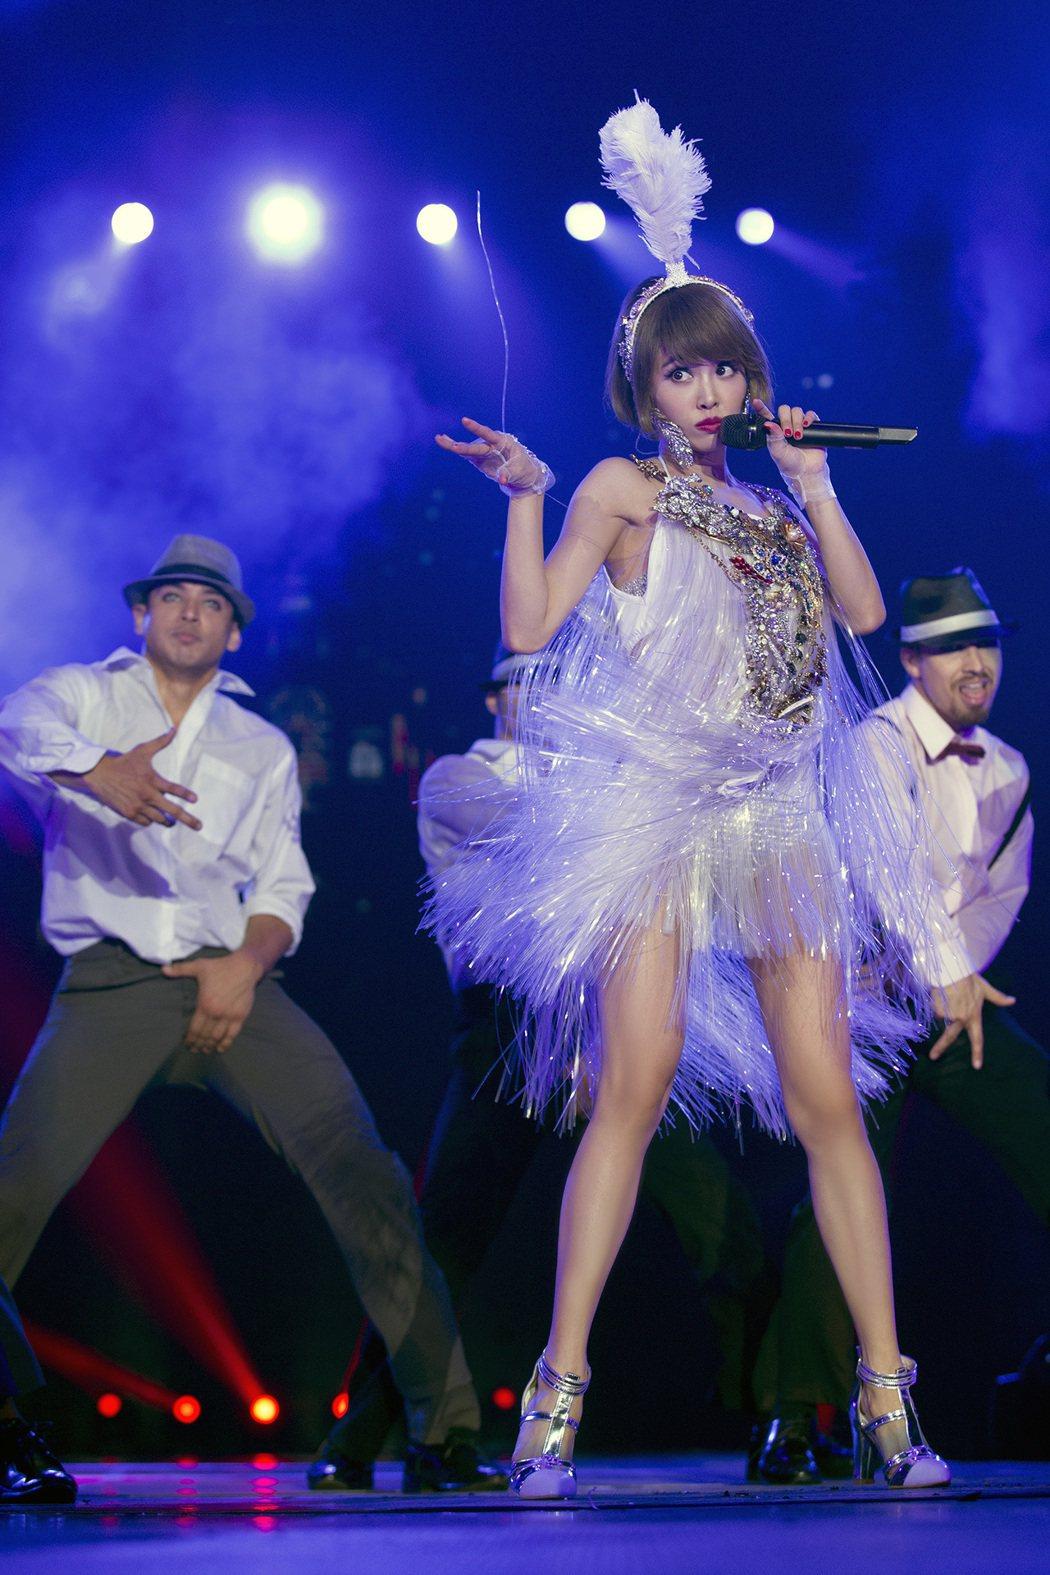 蔡依林即將推出「PLAY世界巡迴演唱會LIVE紀實」。圖/華納音樂提供